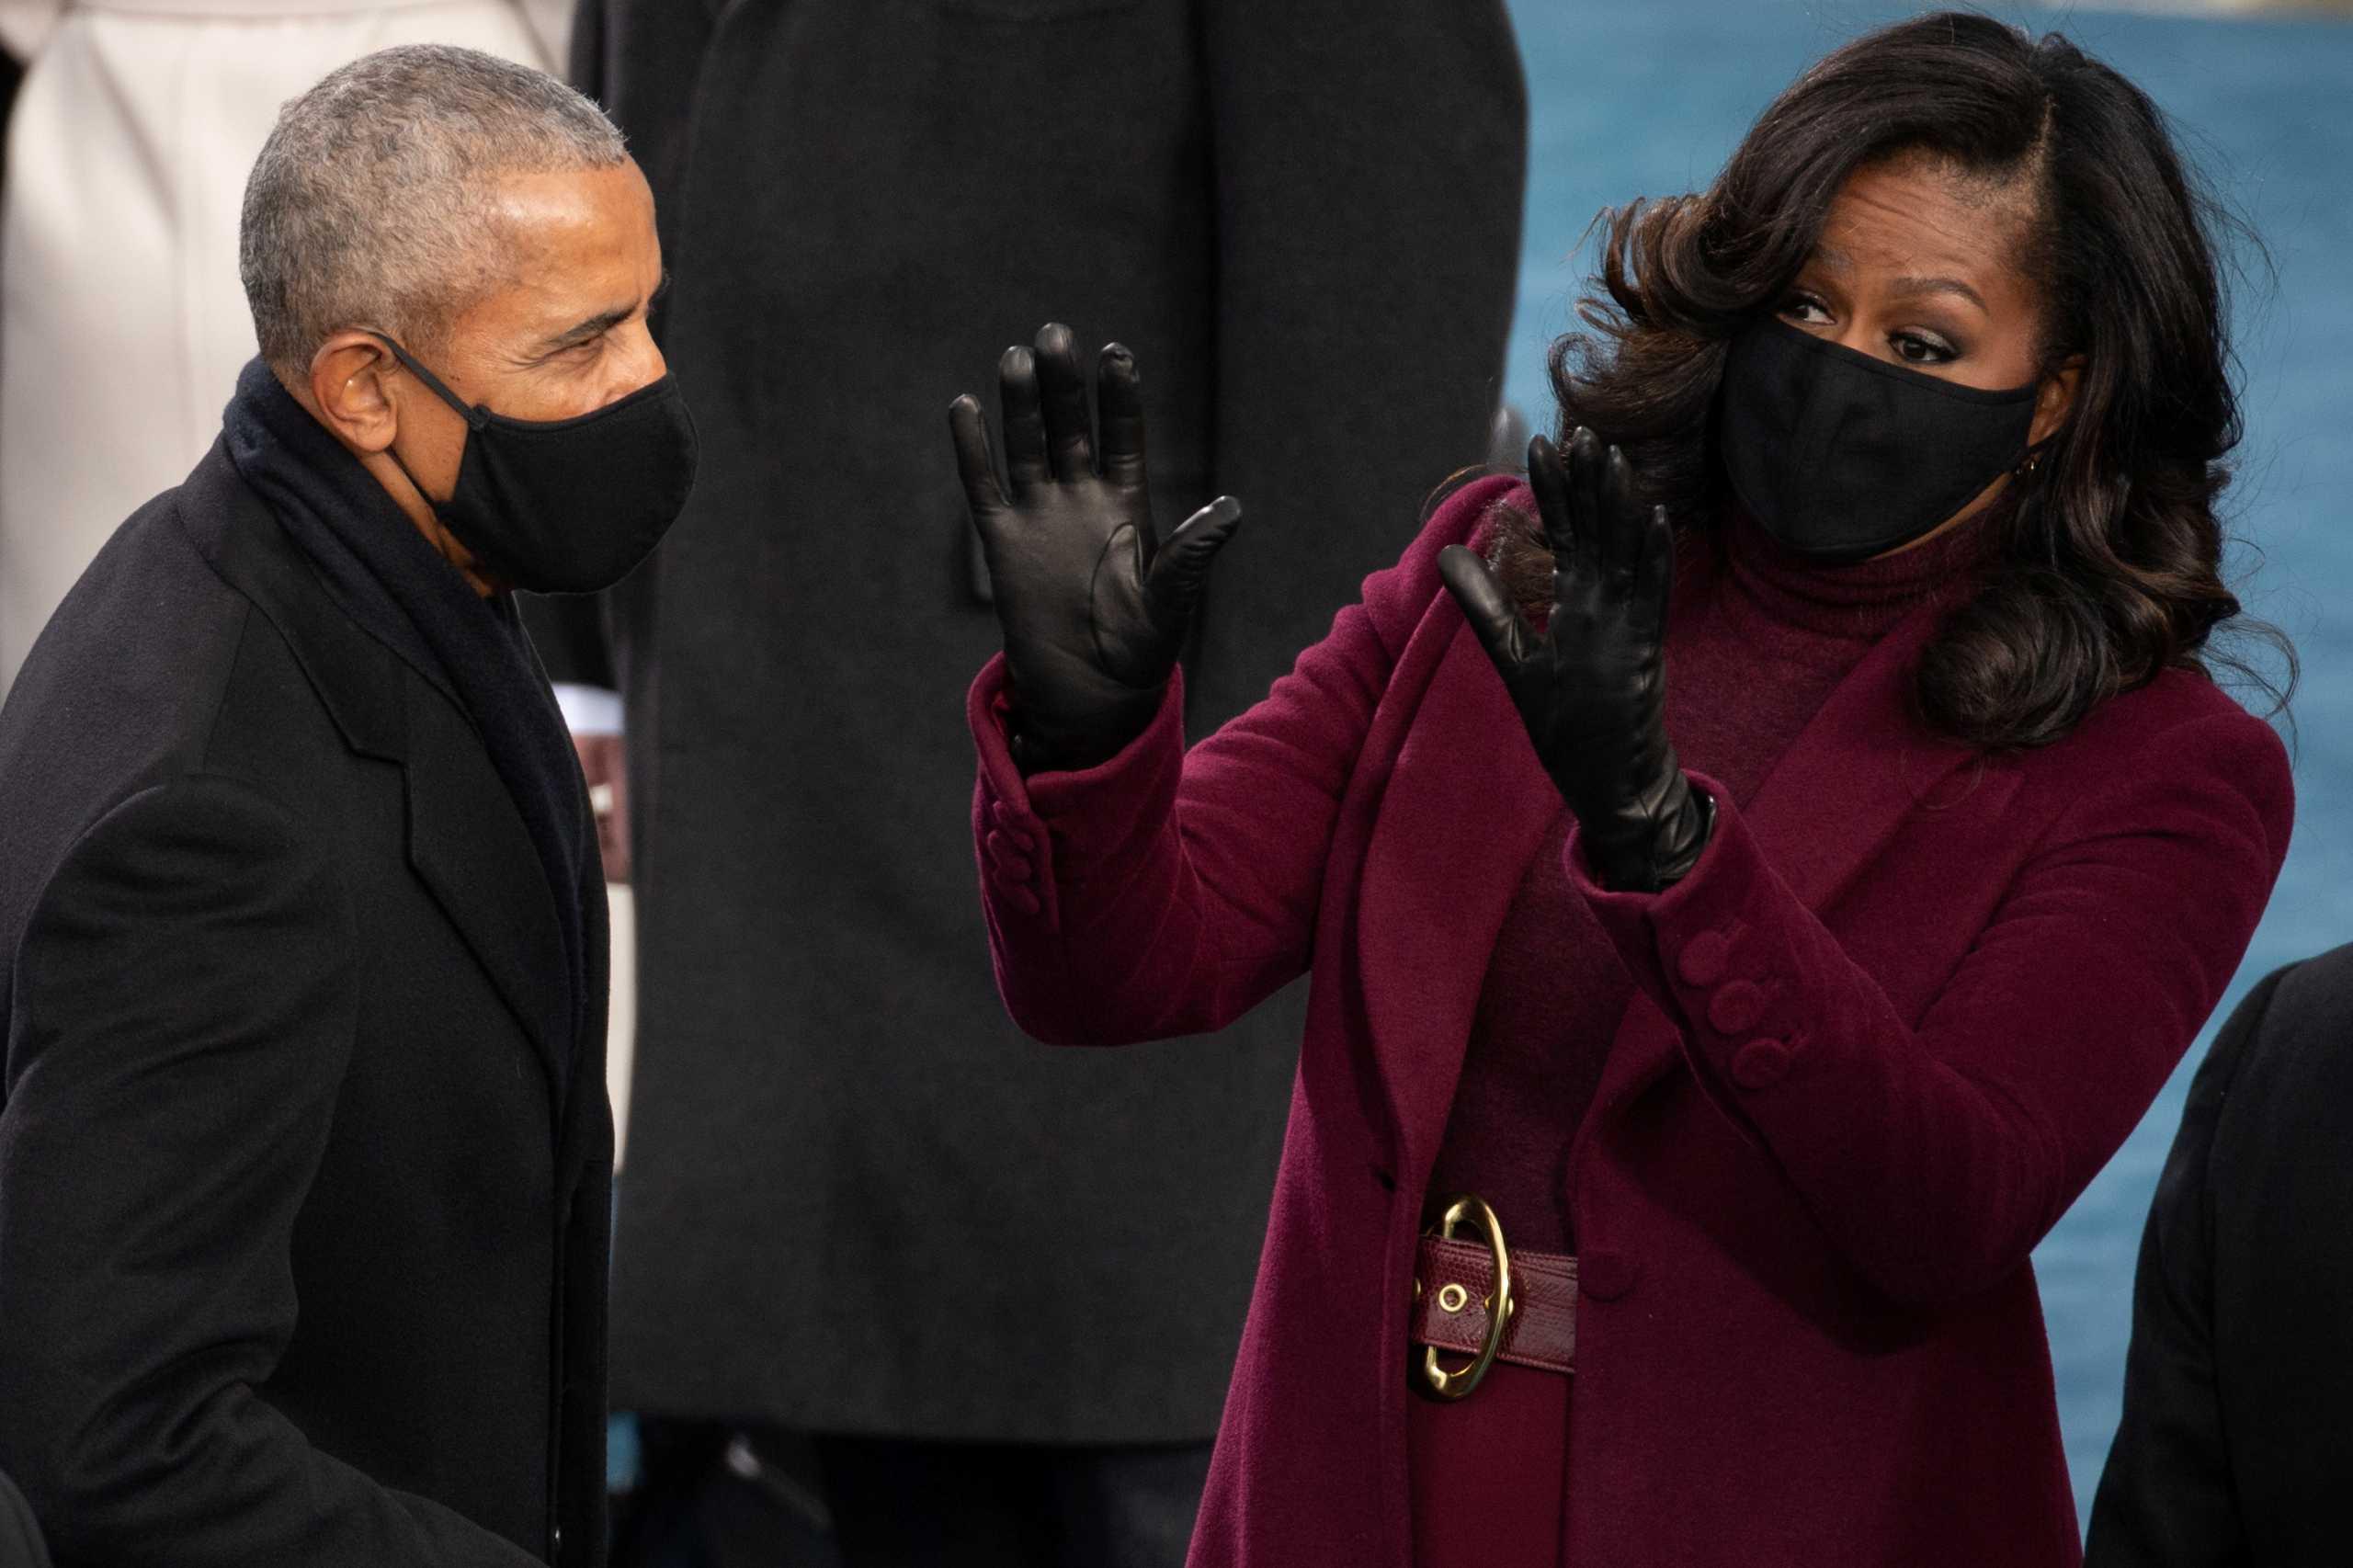 Το Netflix ετοιμάζει σειρά για τον Μπαράκ και την Μισέλ Ομπάμα